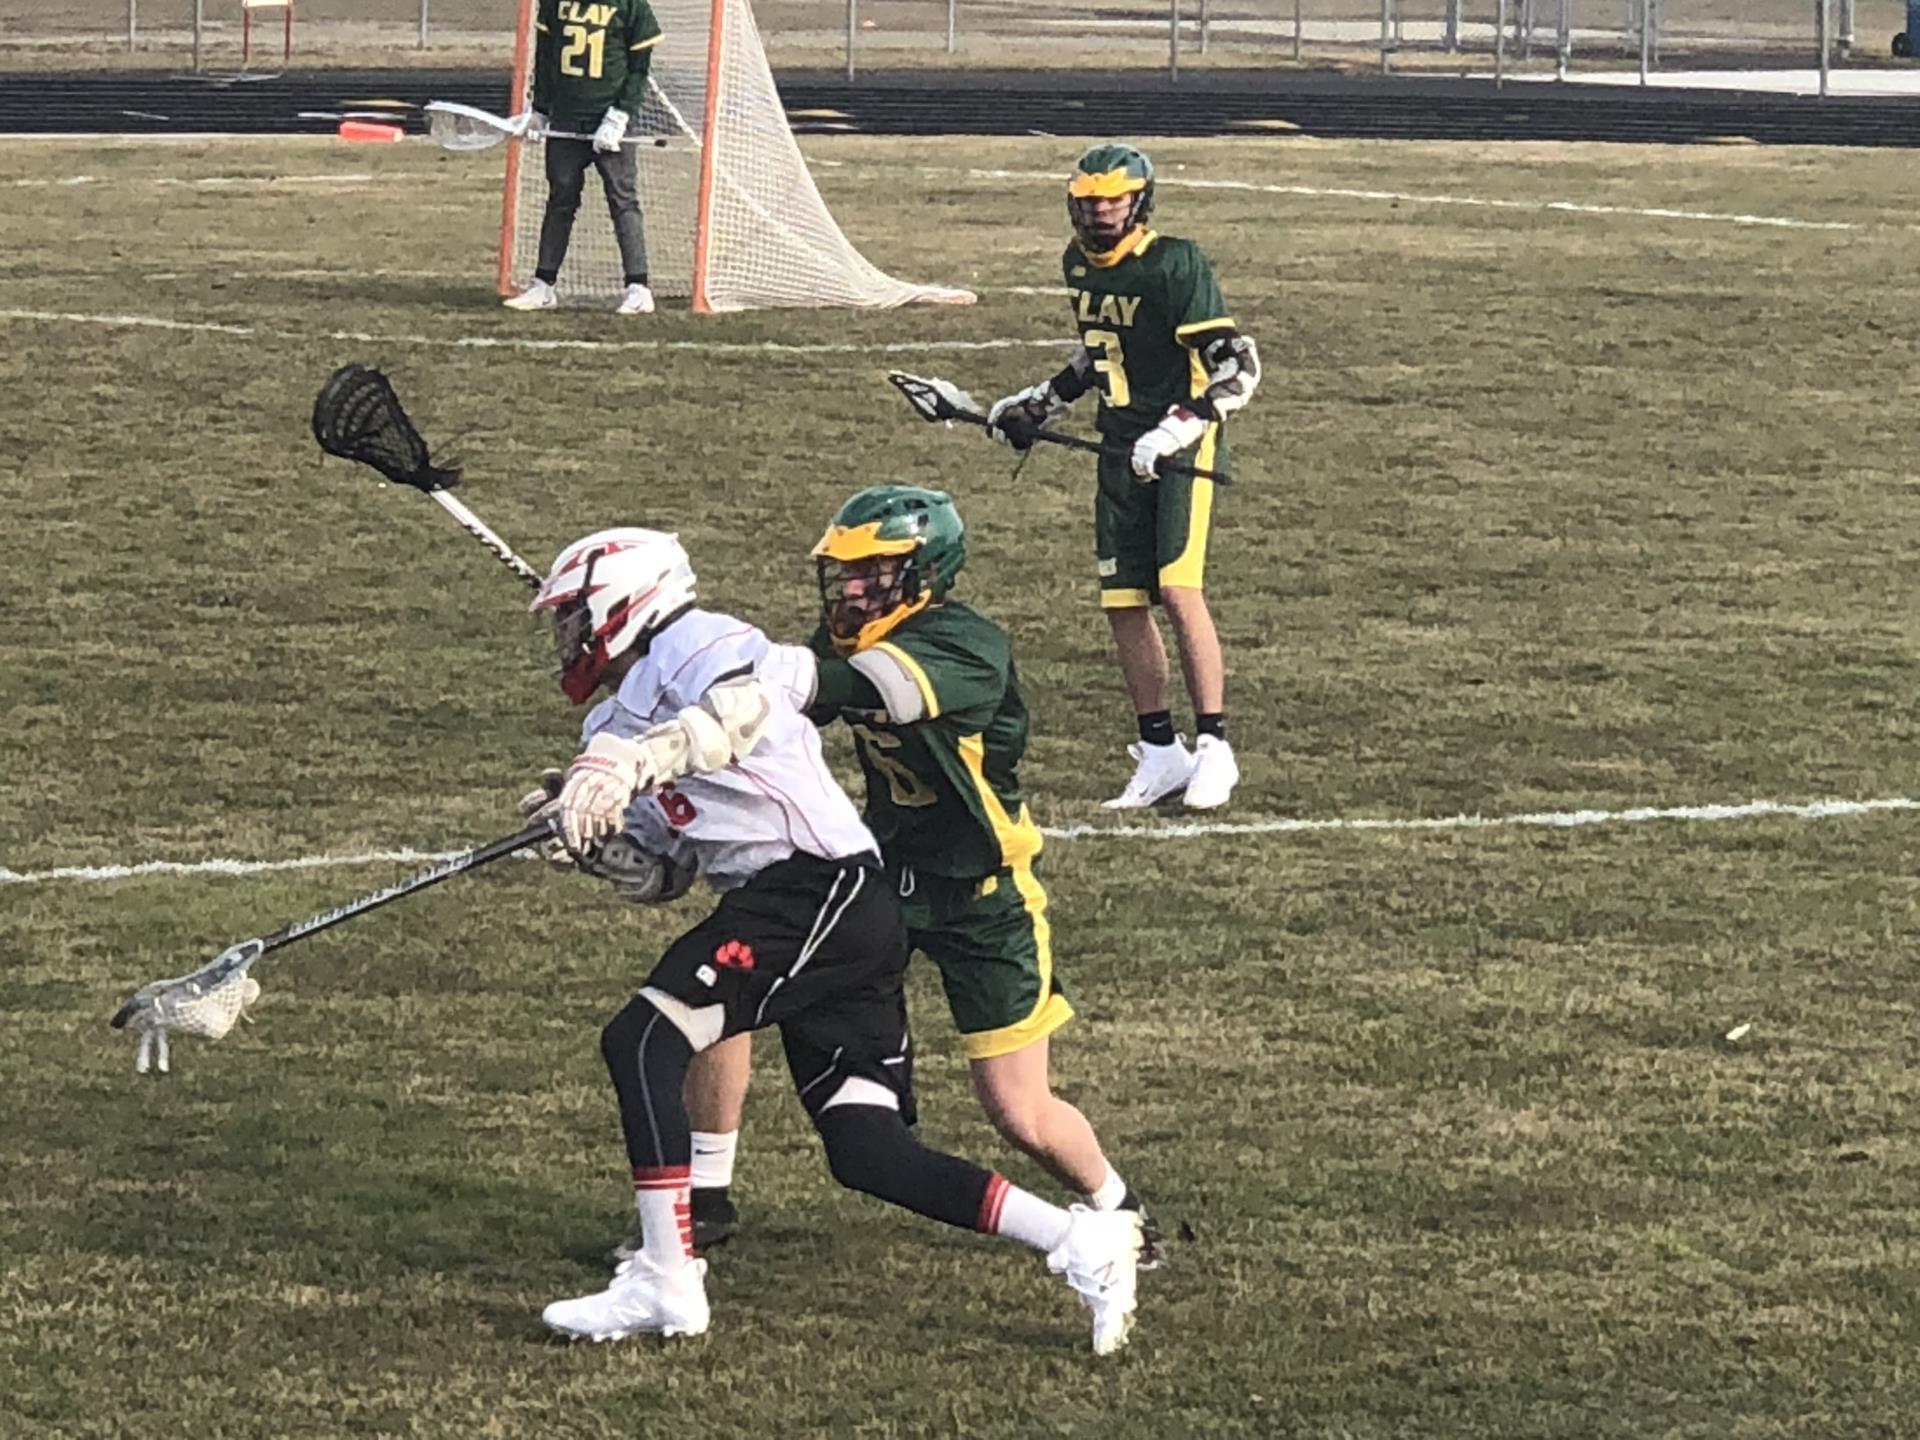 Boys Lacrosse Action